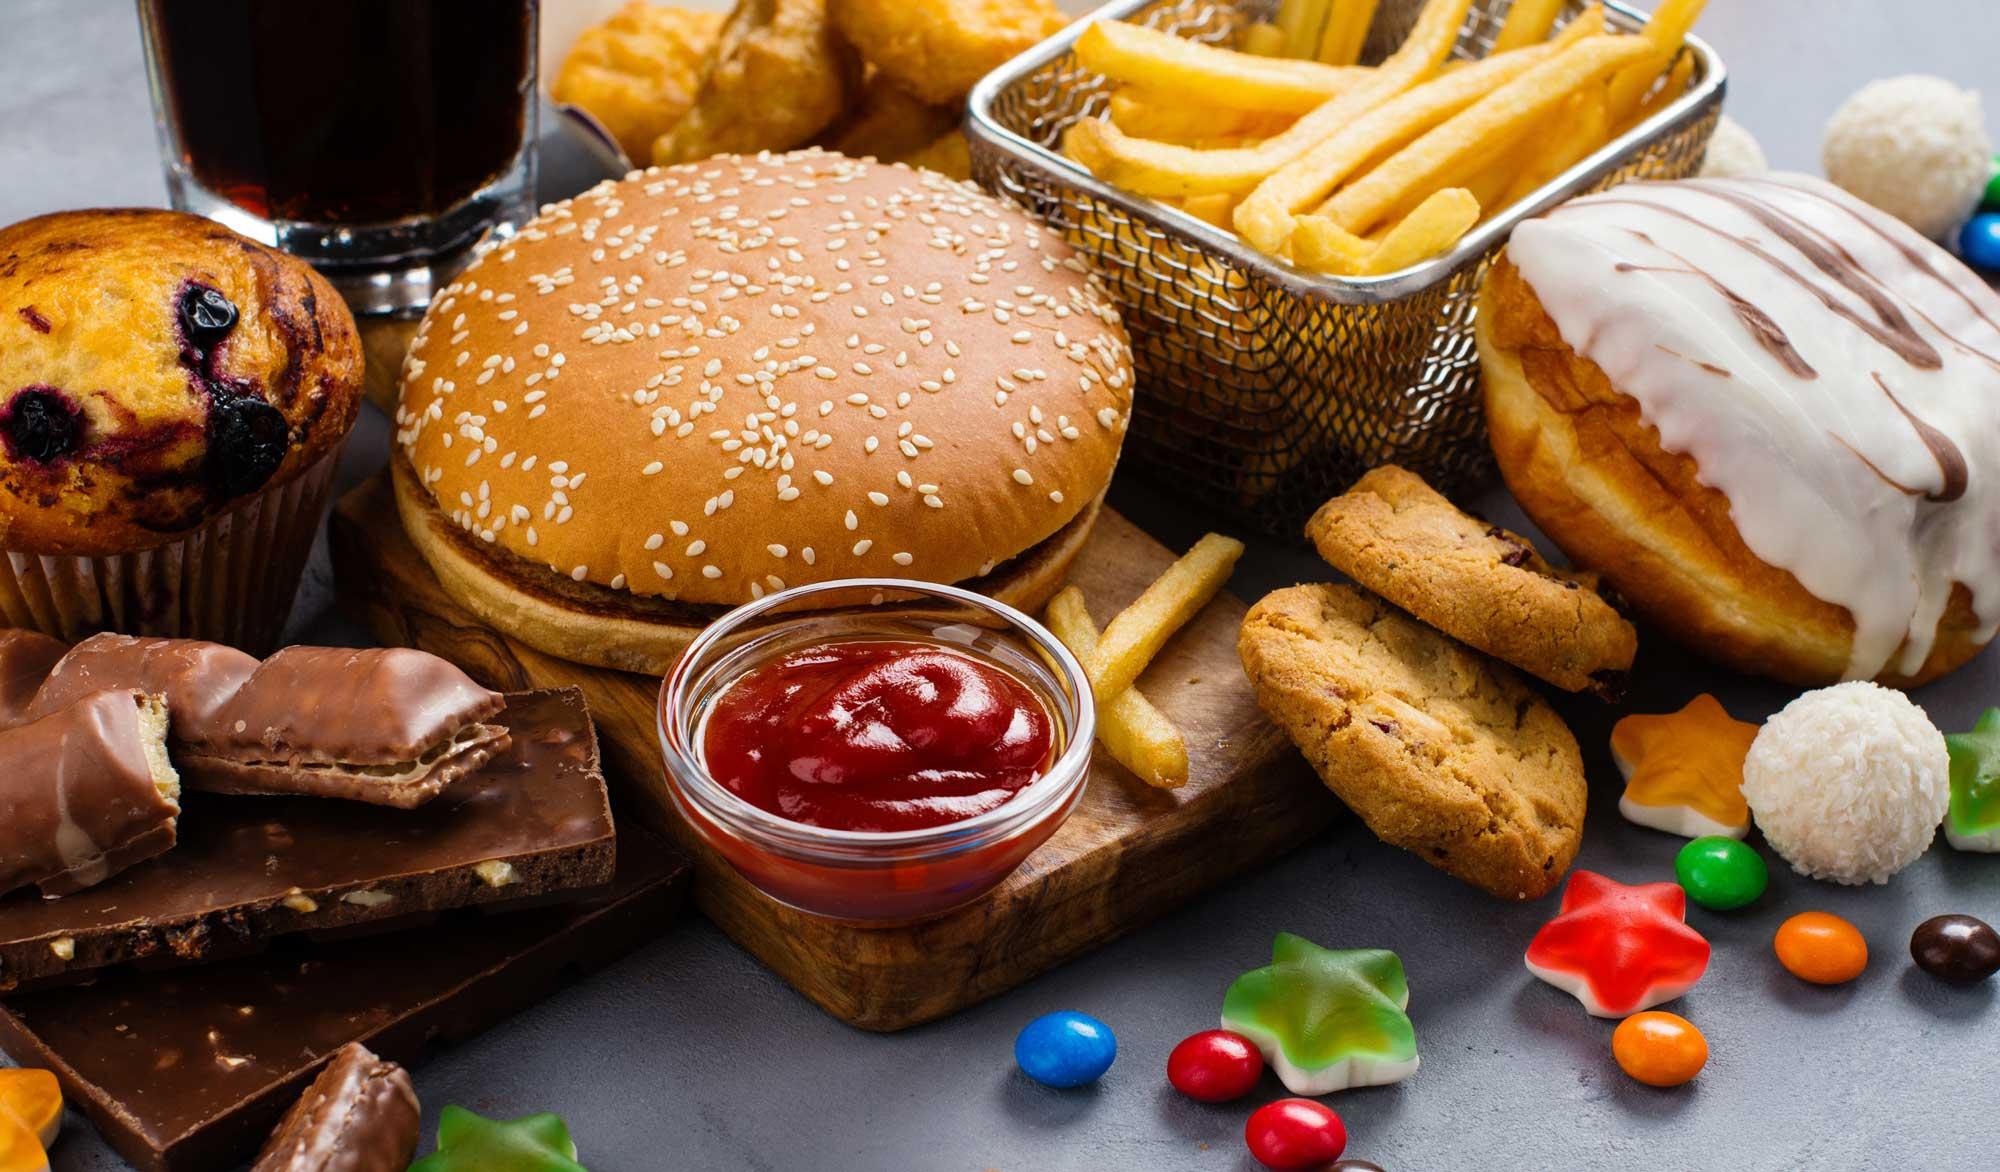 Nährstoffmangel – Studien zeigen alarmierende Ergebnisse